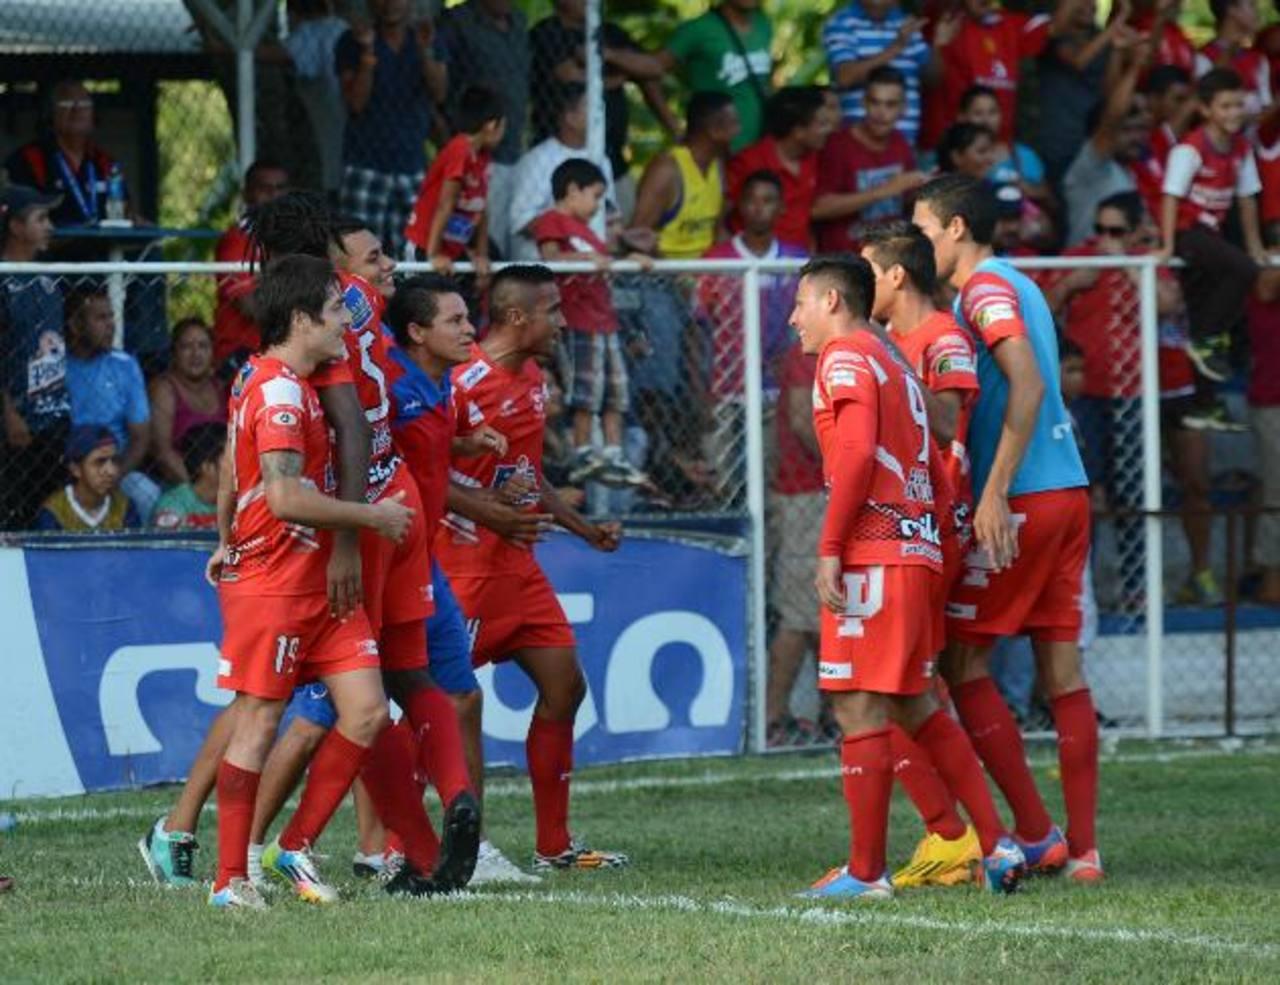 Los jugadores de Juventud celebran el triunfo frente a FAS que les valió la clasificación a las semis tras acabar terceros. Foto EDH/Douglas Urquilla